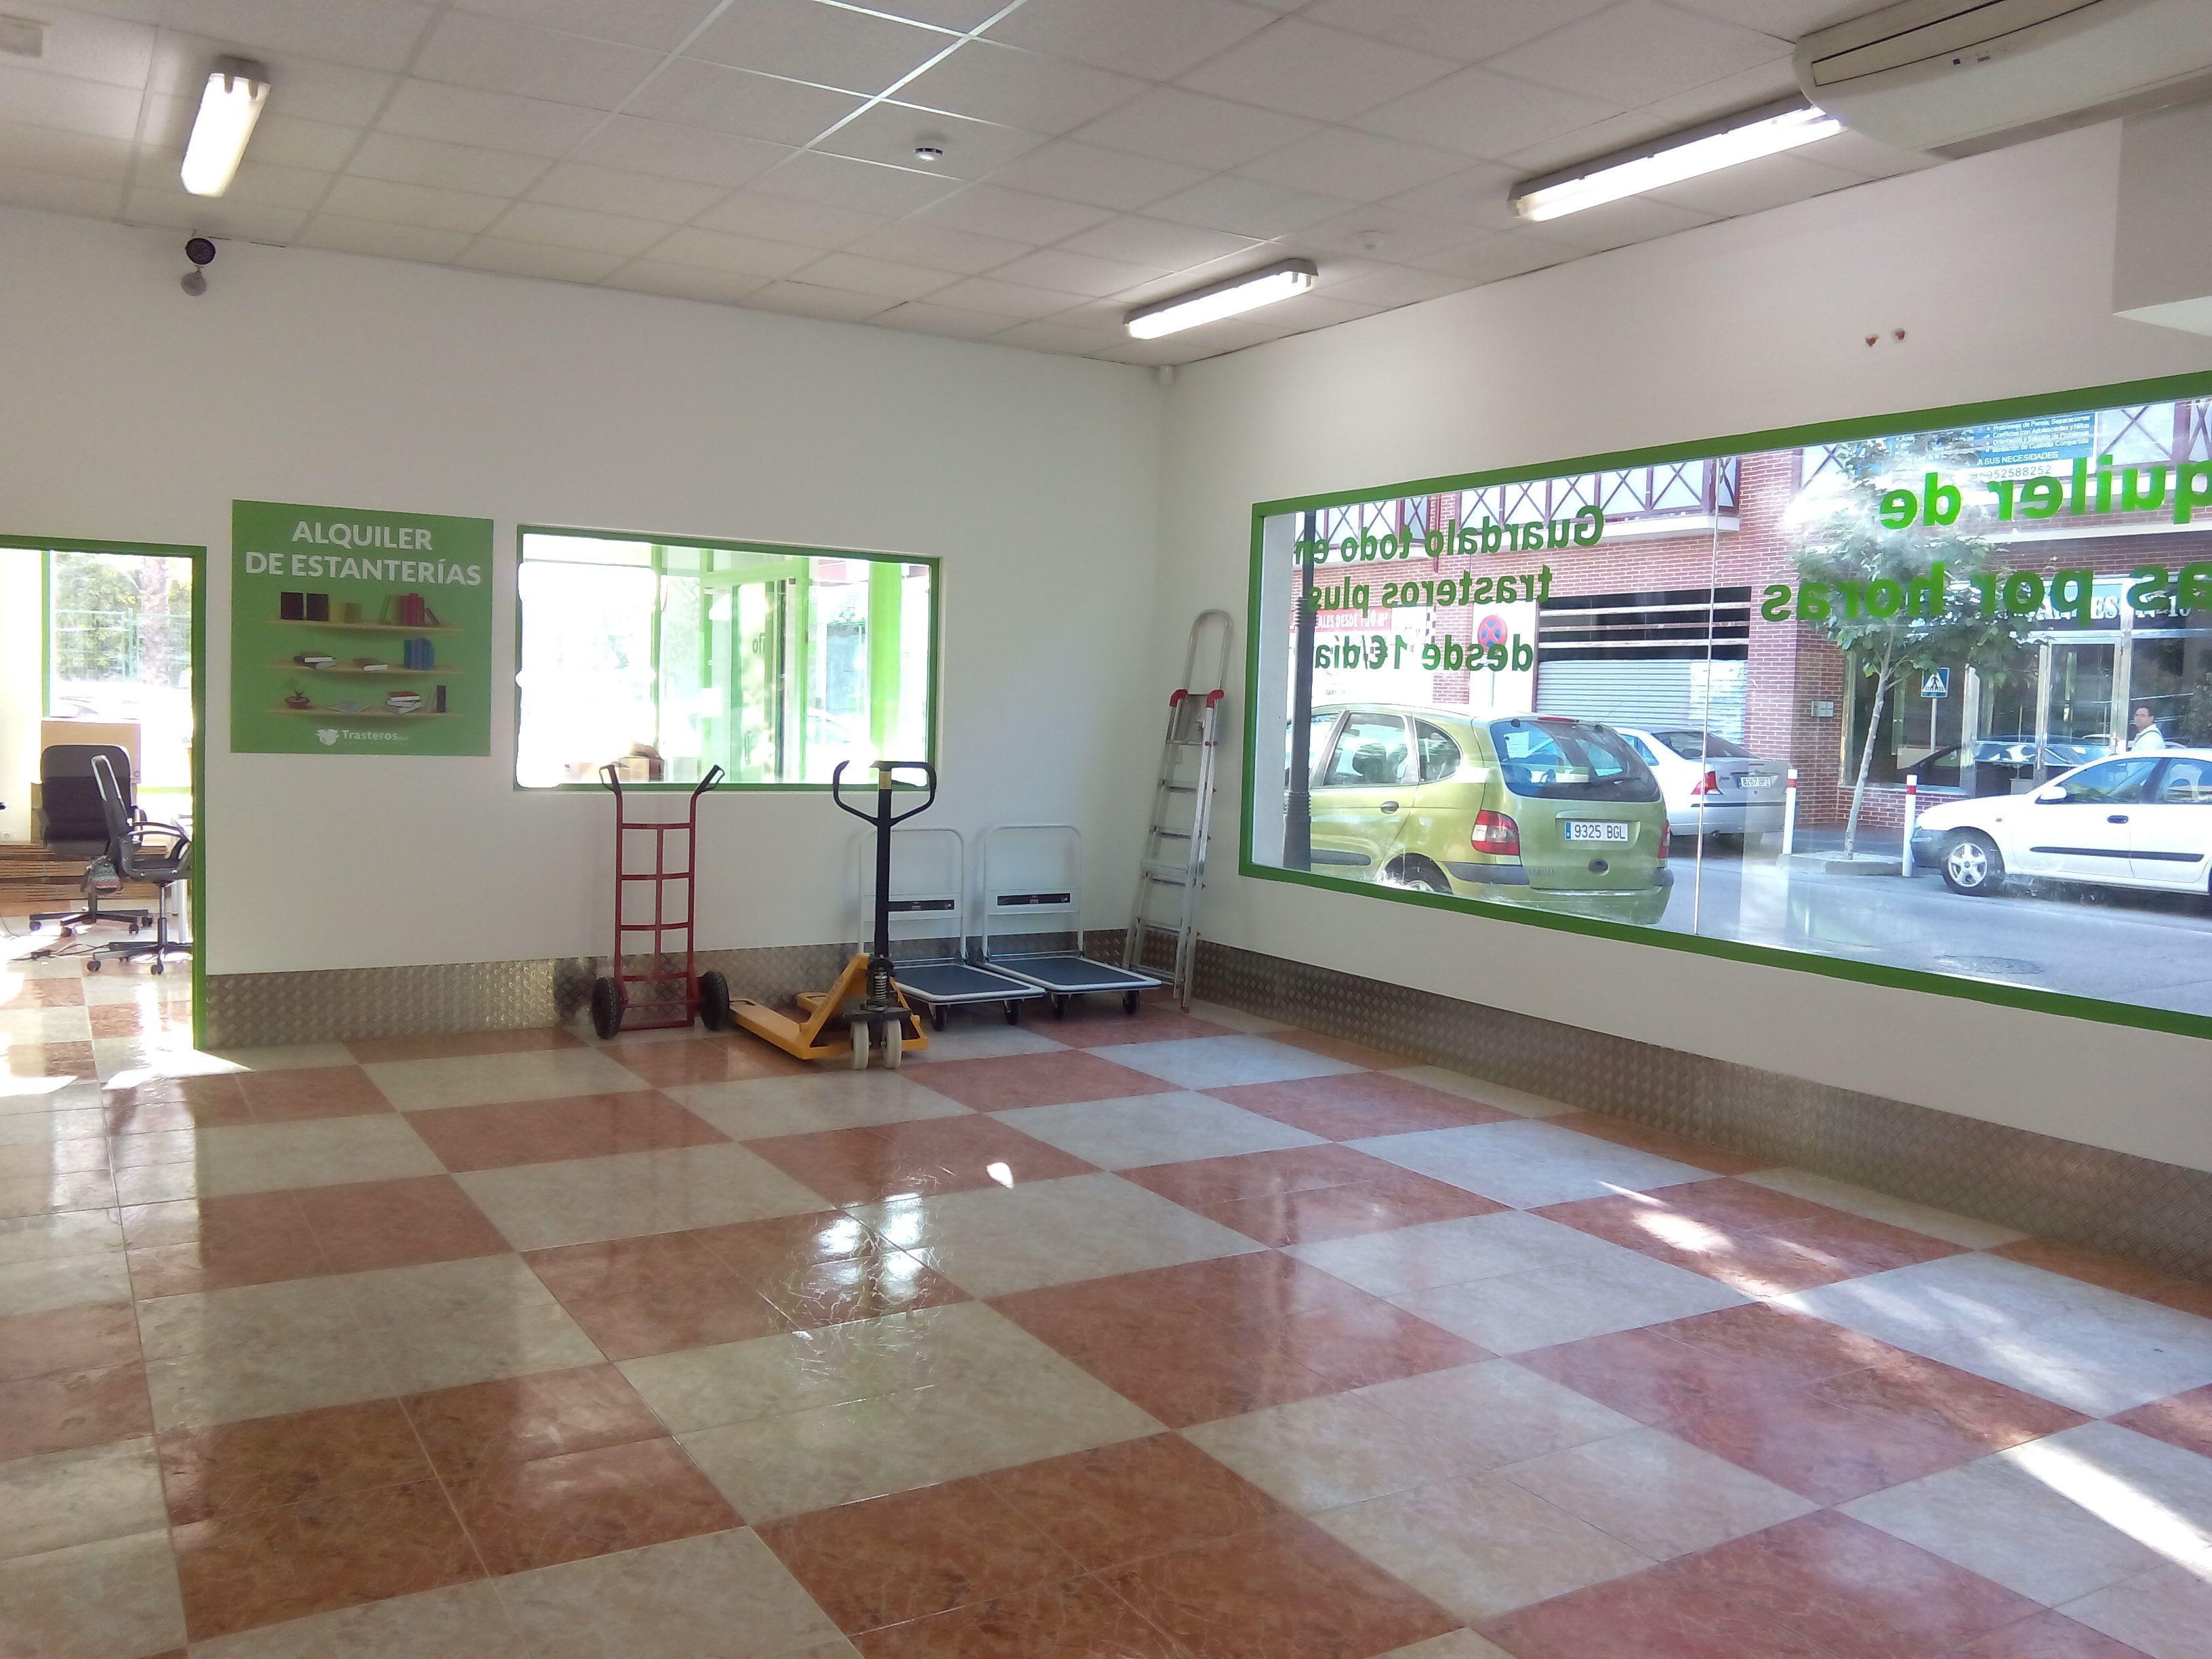 En trasteros plus fuengirola disponemos de carritos traspalets y carretillas para que puedas - Mudanzas en fuengirola ...